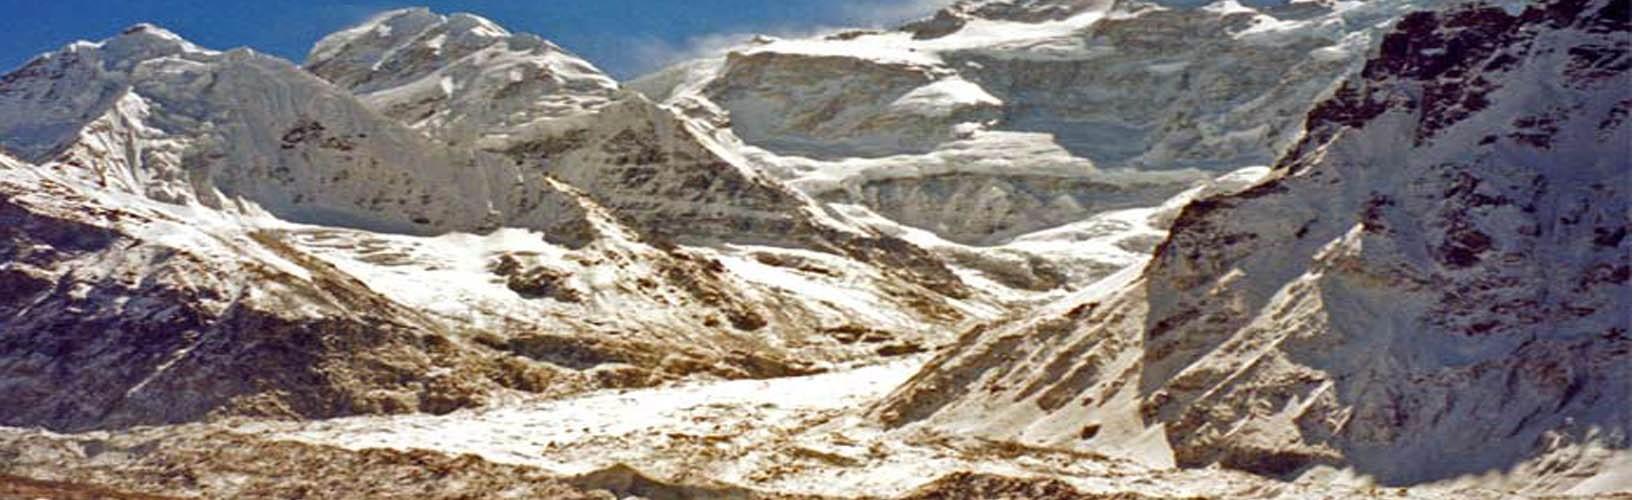 Kanchenjunga trekking | Reasonable Treks